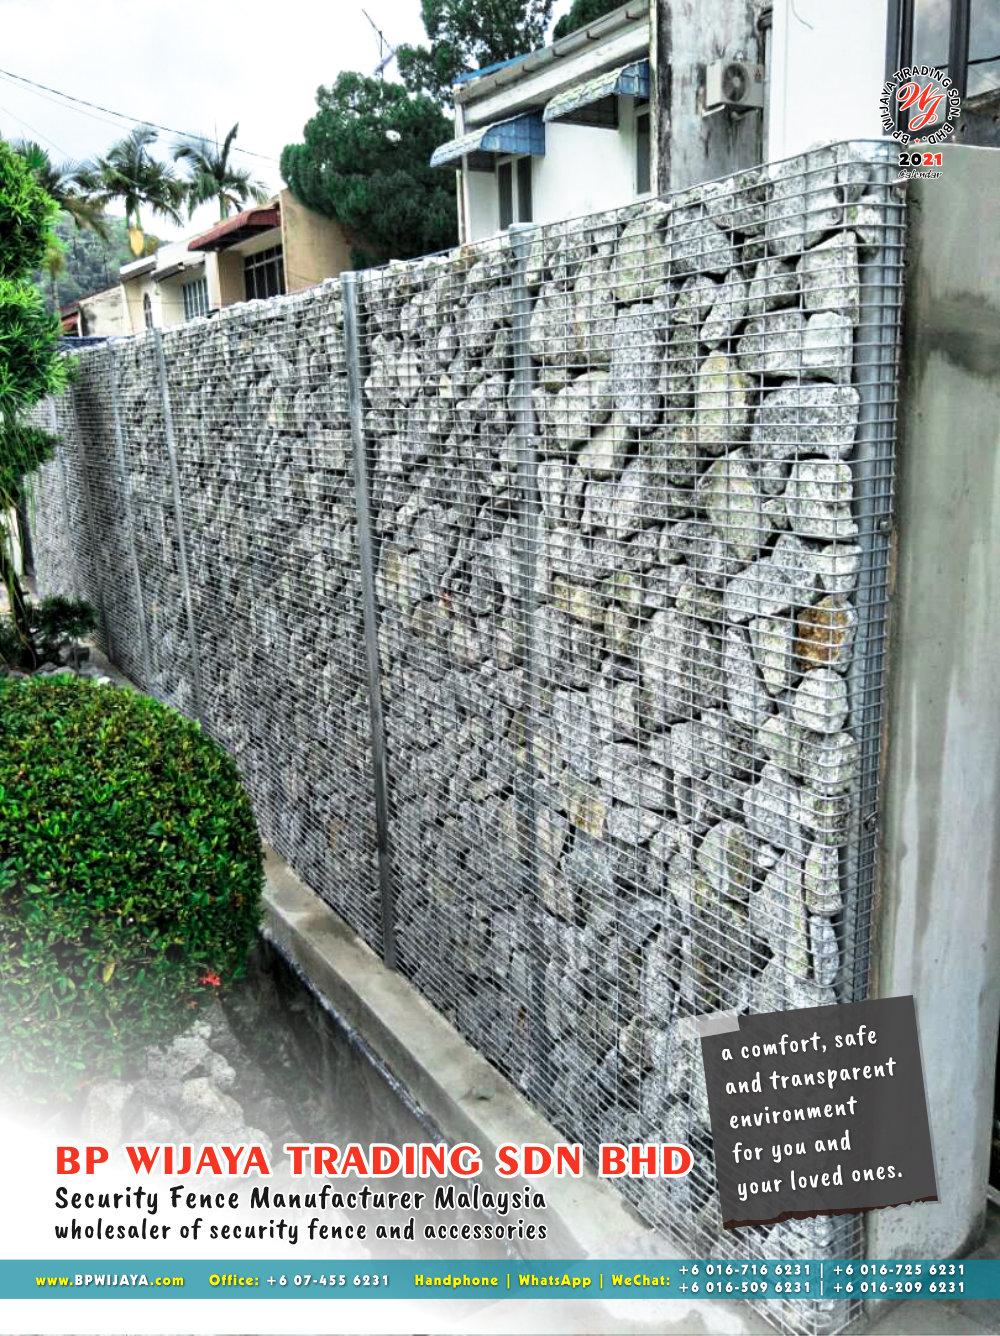 Calendar 2021 BP Wijaya Trading Security Fence Manufacturer Malaysia wholesaler of security fence and accessories Malaysia Kuala Lumpur Johor A14